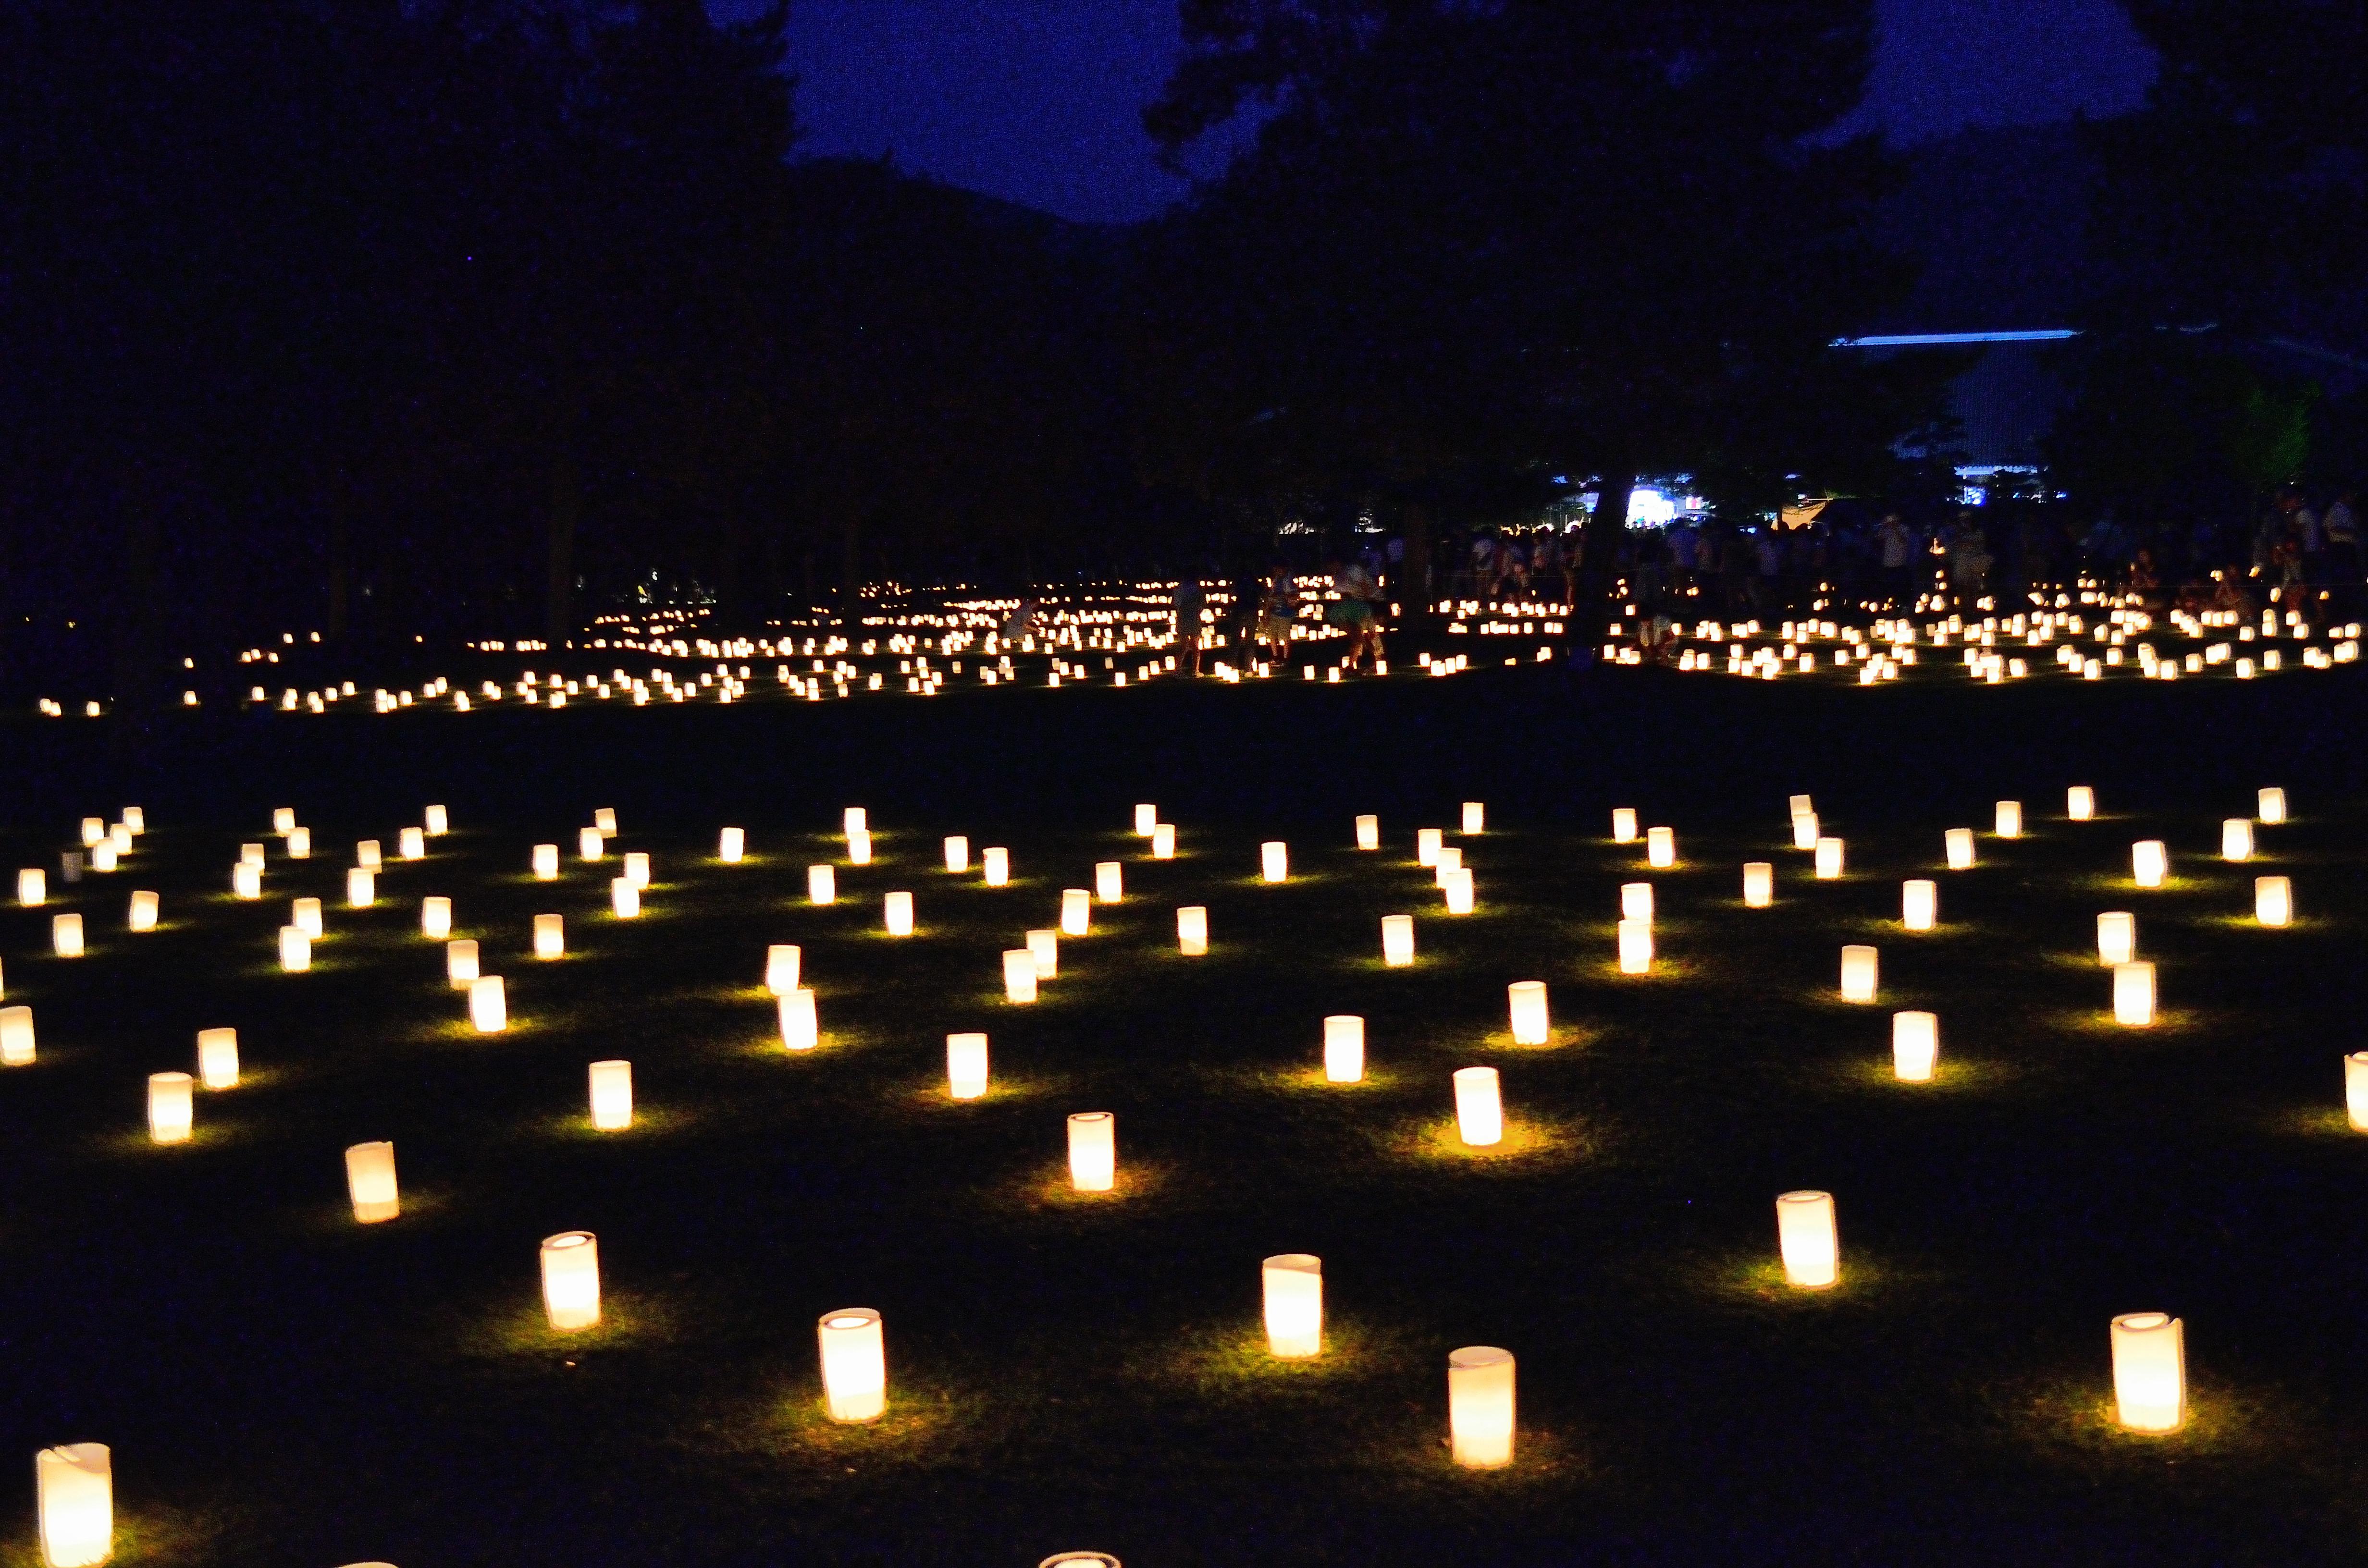 なら燈花会2013 浮雲園池の燈花風景